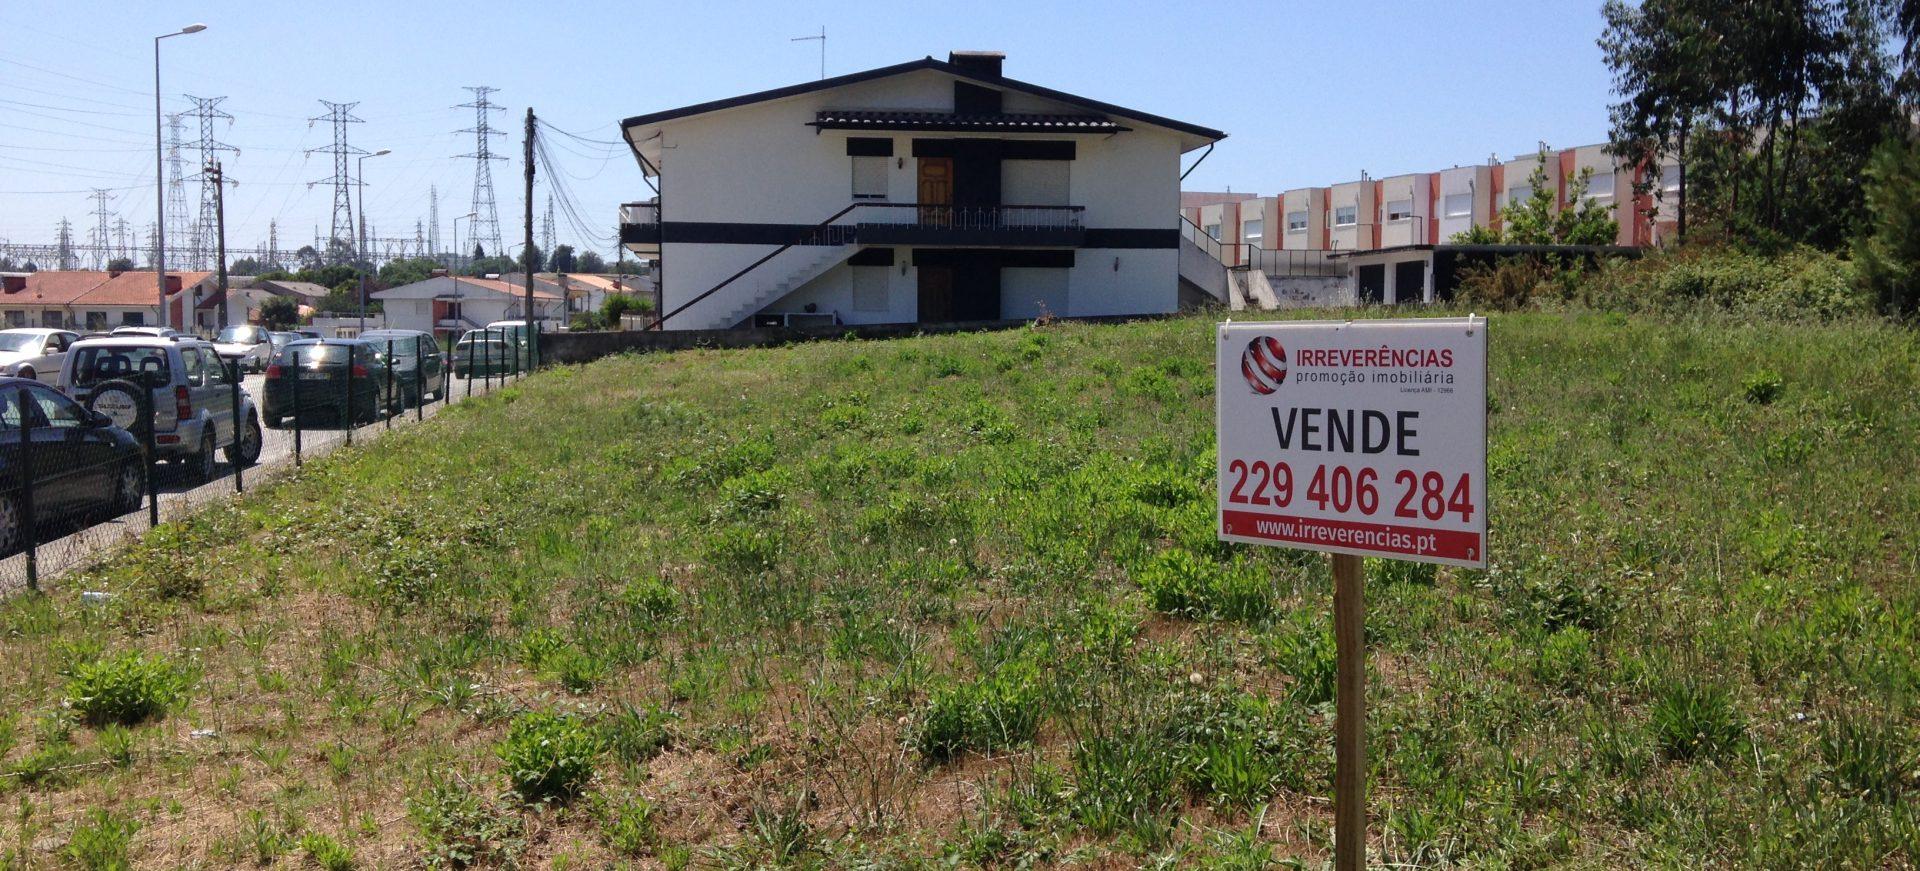 Lote de terreno para construção de edifício | Cidade da Maia